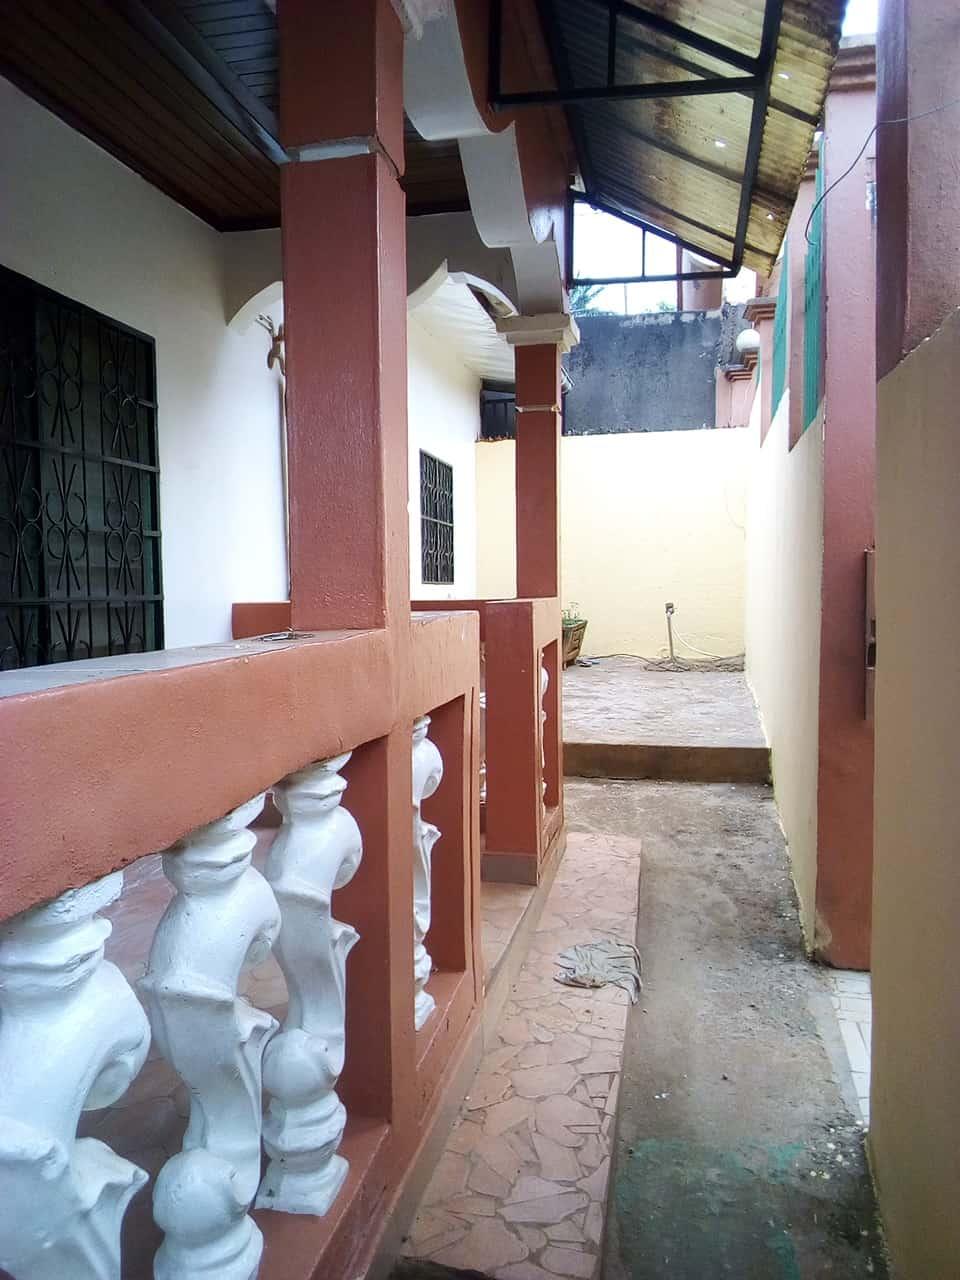 Appartement à louer - Yaoundé, Nkolmeseng, VILLA PAS LOIN DU LYCEE BILINGUE - 1 salon(s), 3 chambre(s), 2 salle(s) de bains - 250 000 FCFA / mois